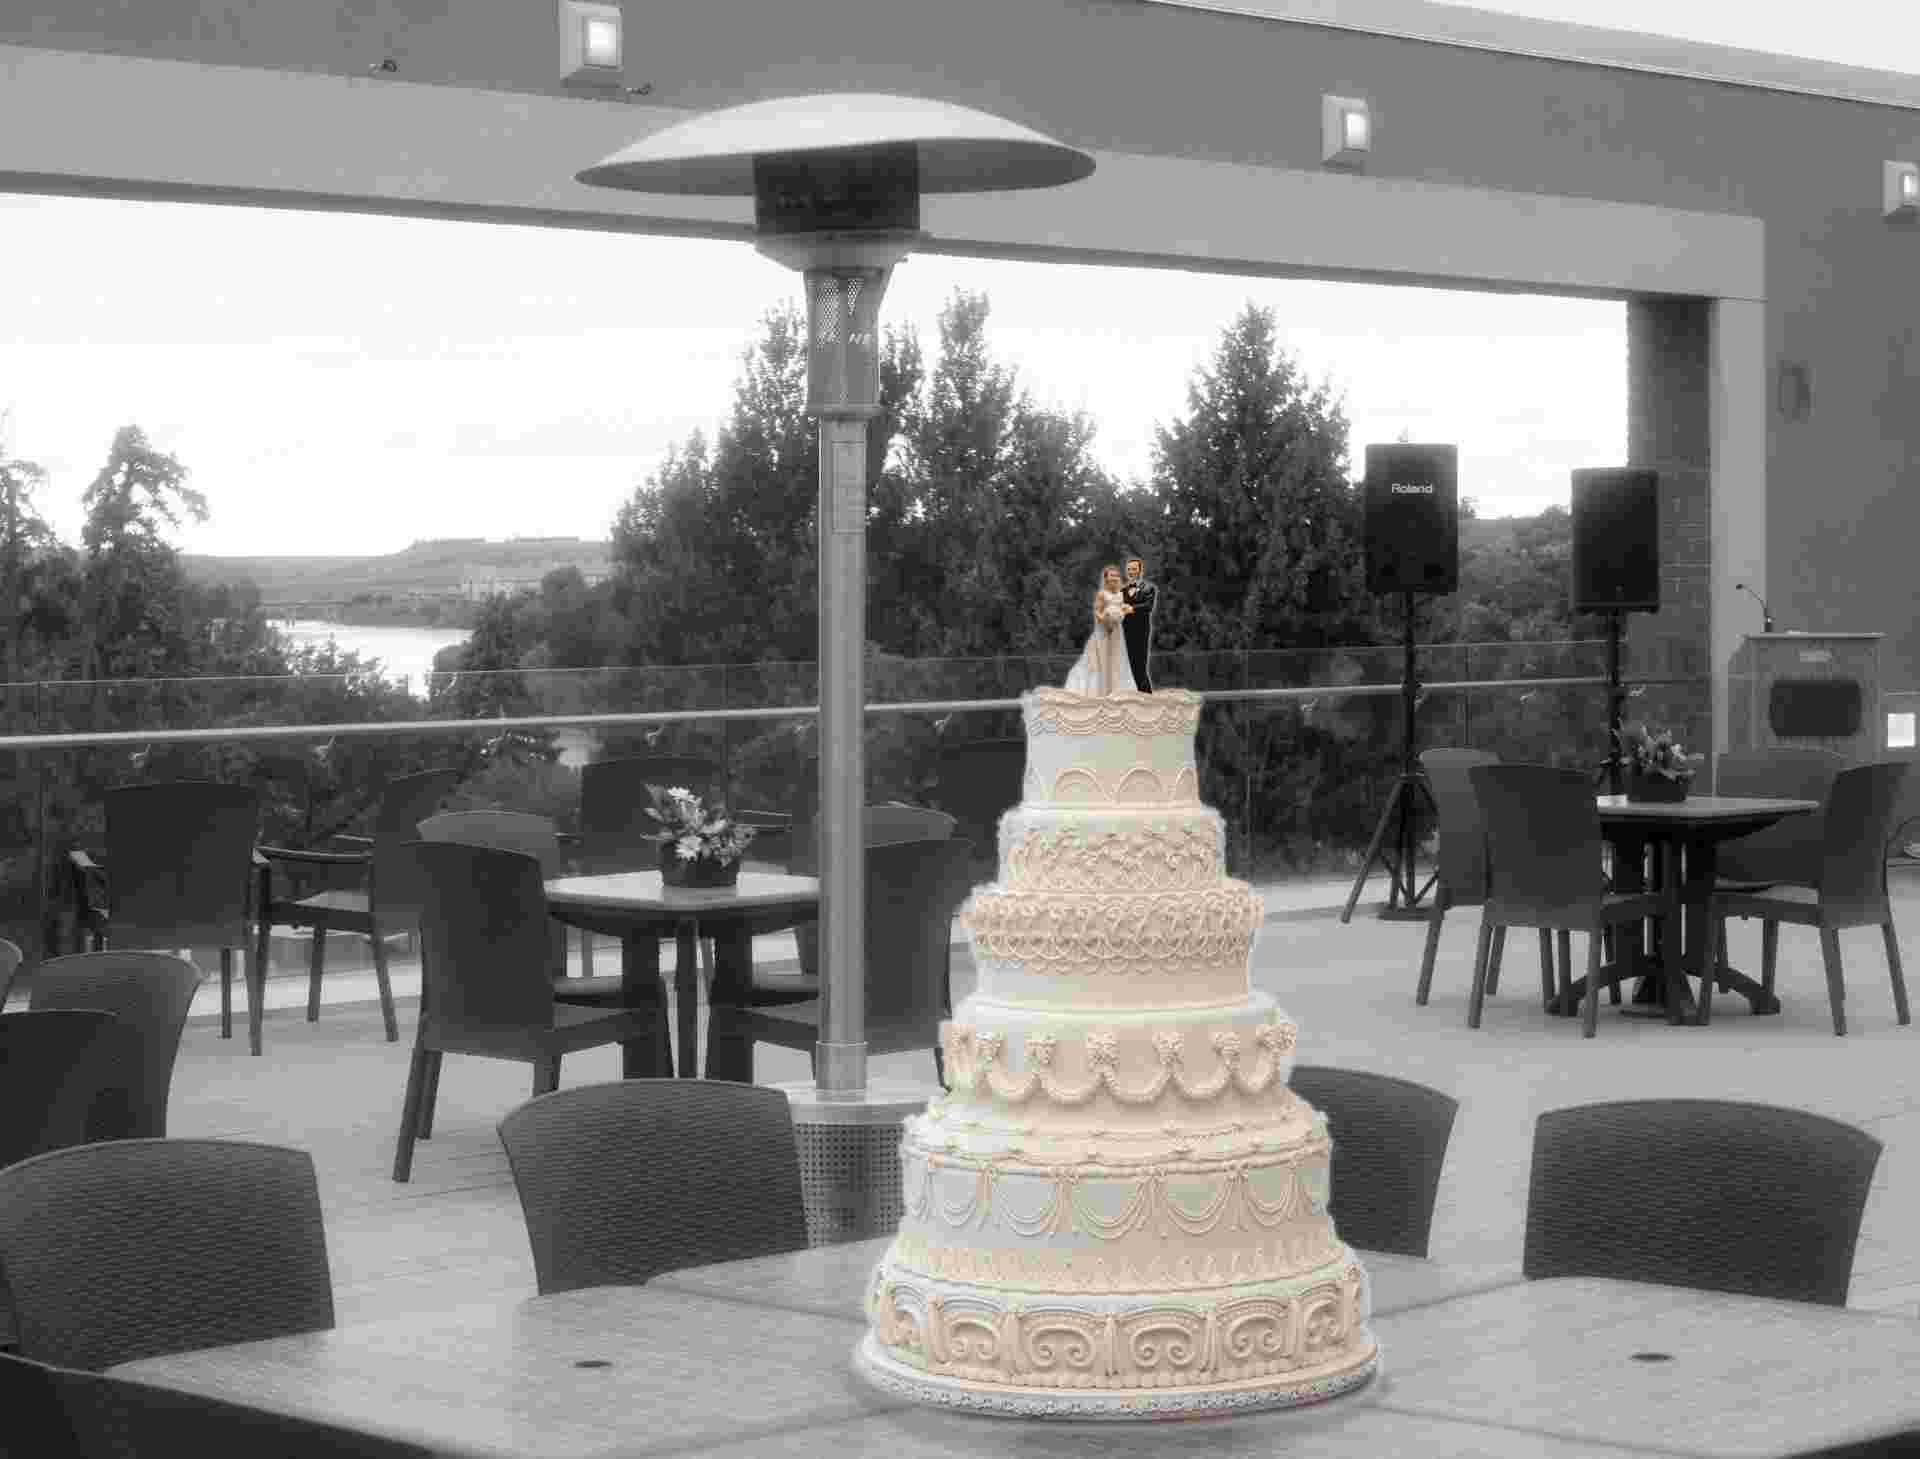 Rental Space Wedding Cake